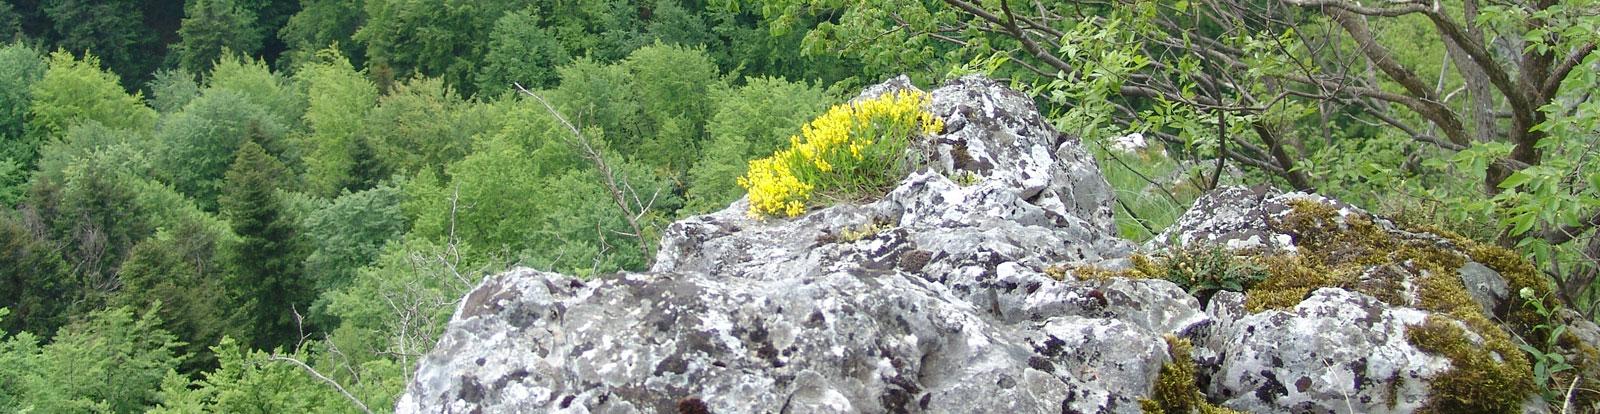 nacionalni-park-kozara-geologija-5